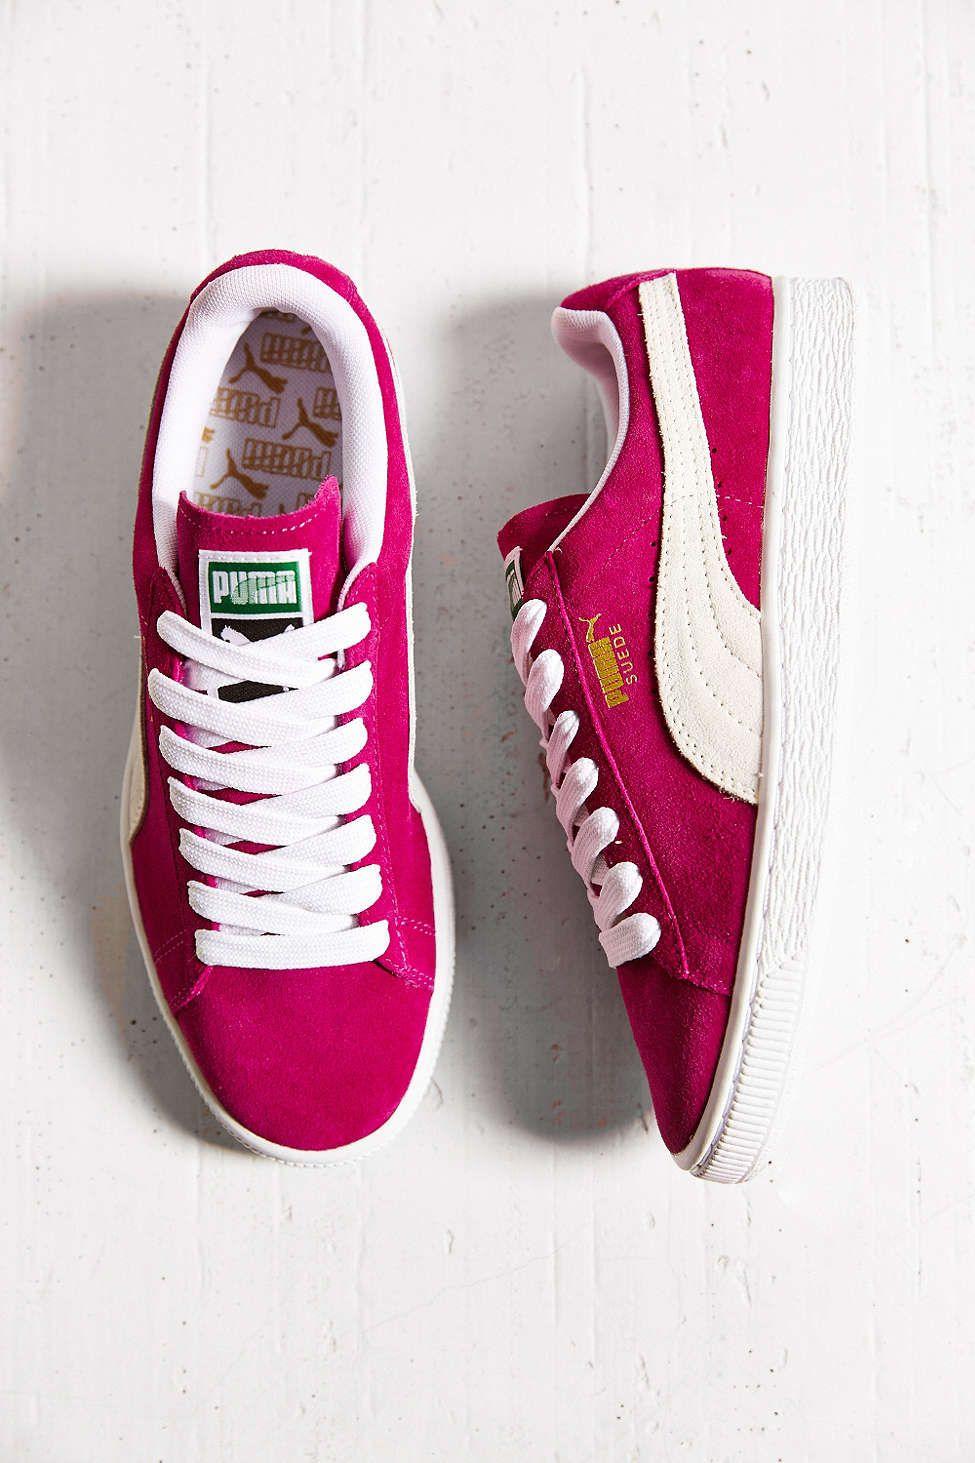 Puma Classic Lace-Up Sneaker